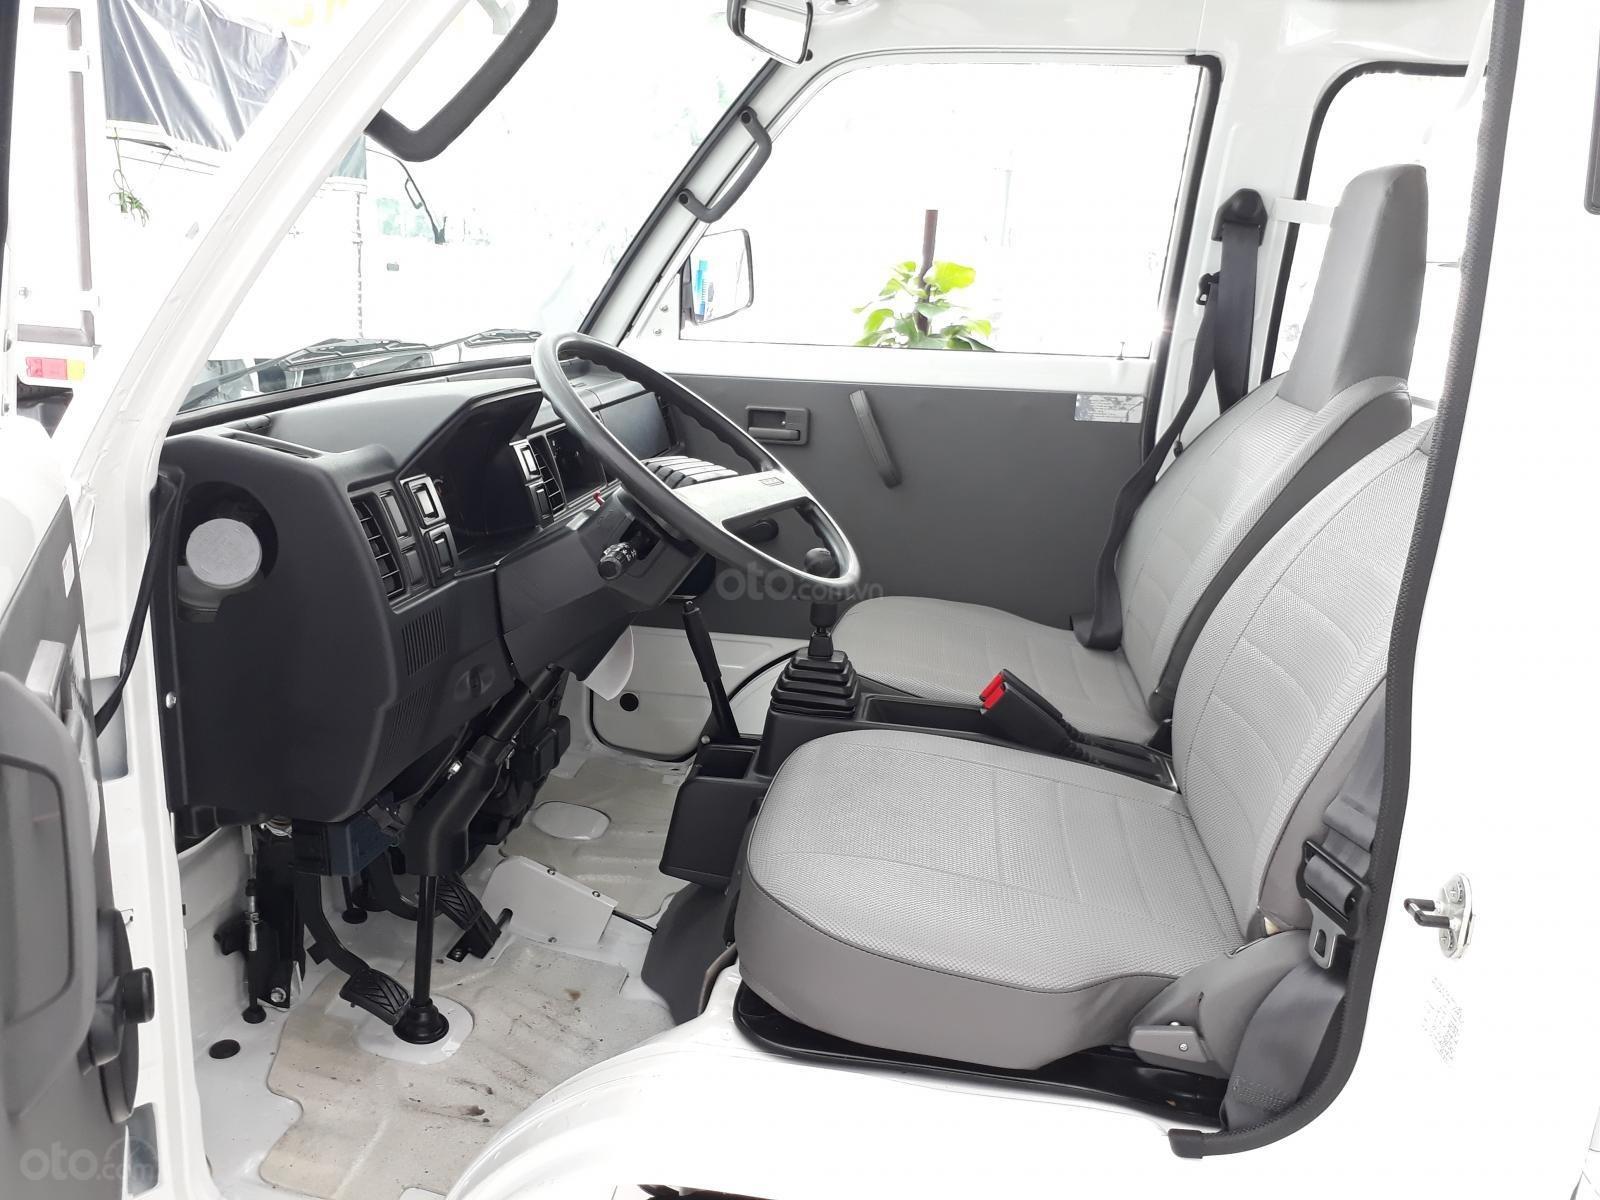 Xe tải Suzuki Blind Van 2020 chạy giờ cao điểm, giá ưu đãi 50% thuế trước bạ (5)